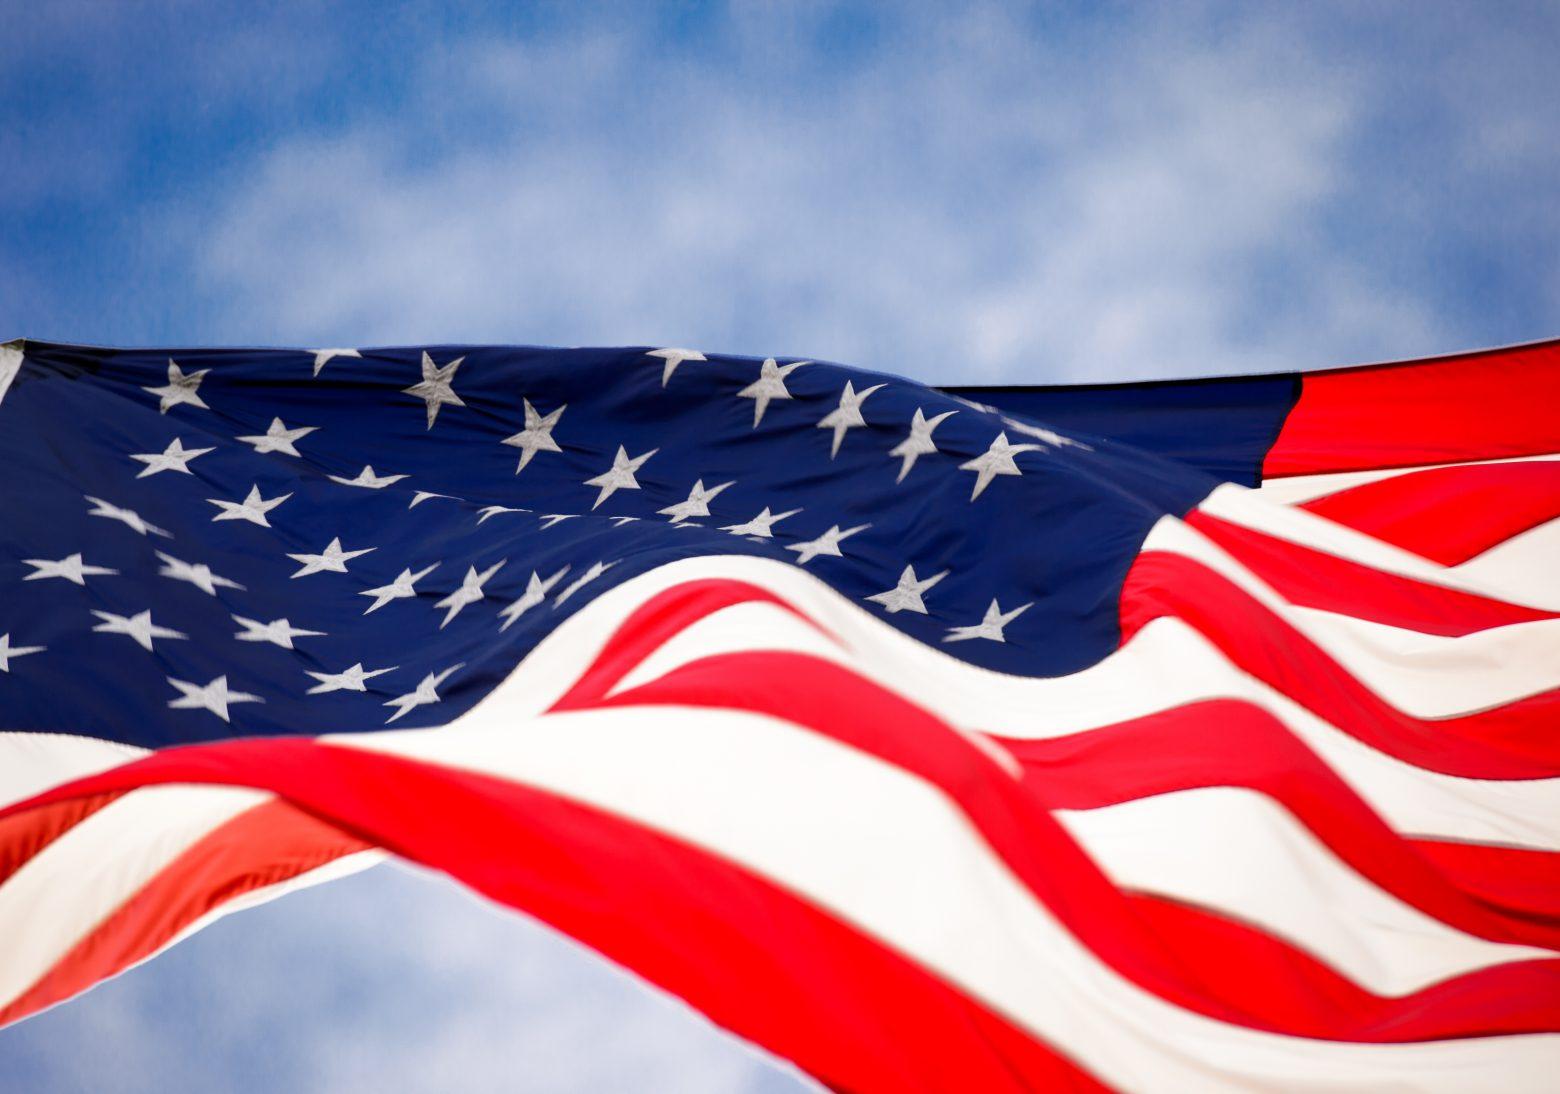 flag-1291945